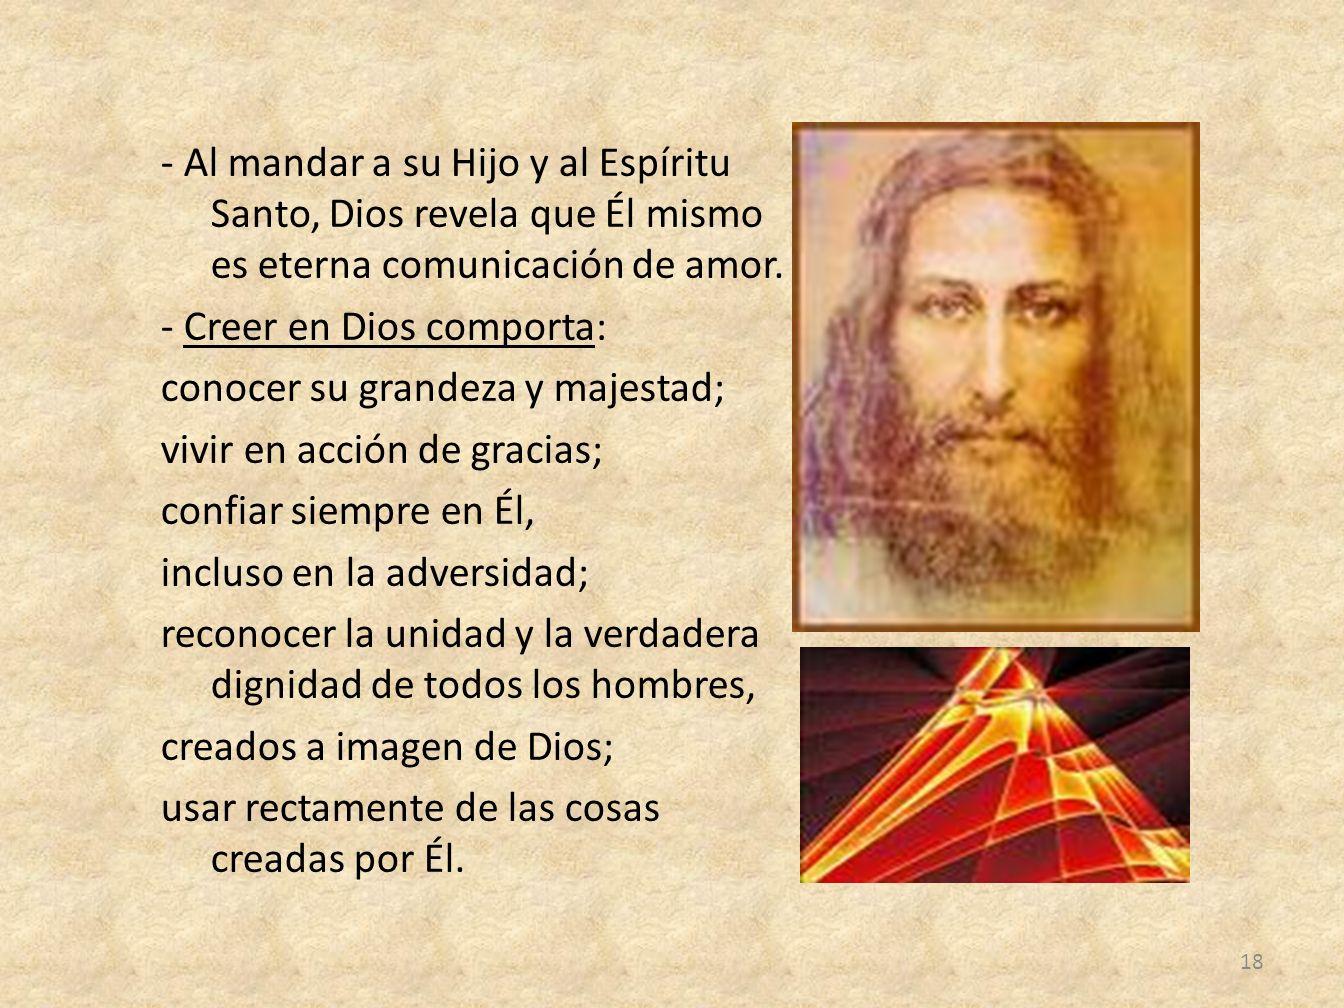 - Al mandar a su Hijo y al Espíritu Santo, Dios revela que Él mismo es eterna comunicación de amor. - Creer en Dios comporta: conocer su grandeza y ma